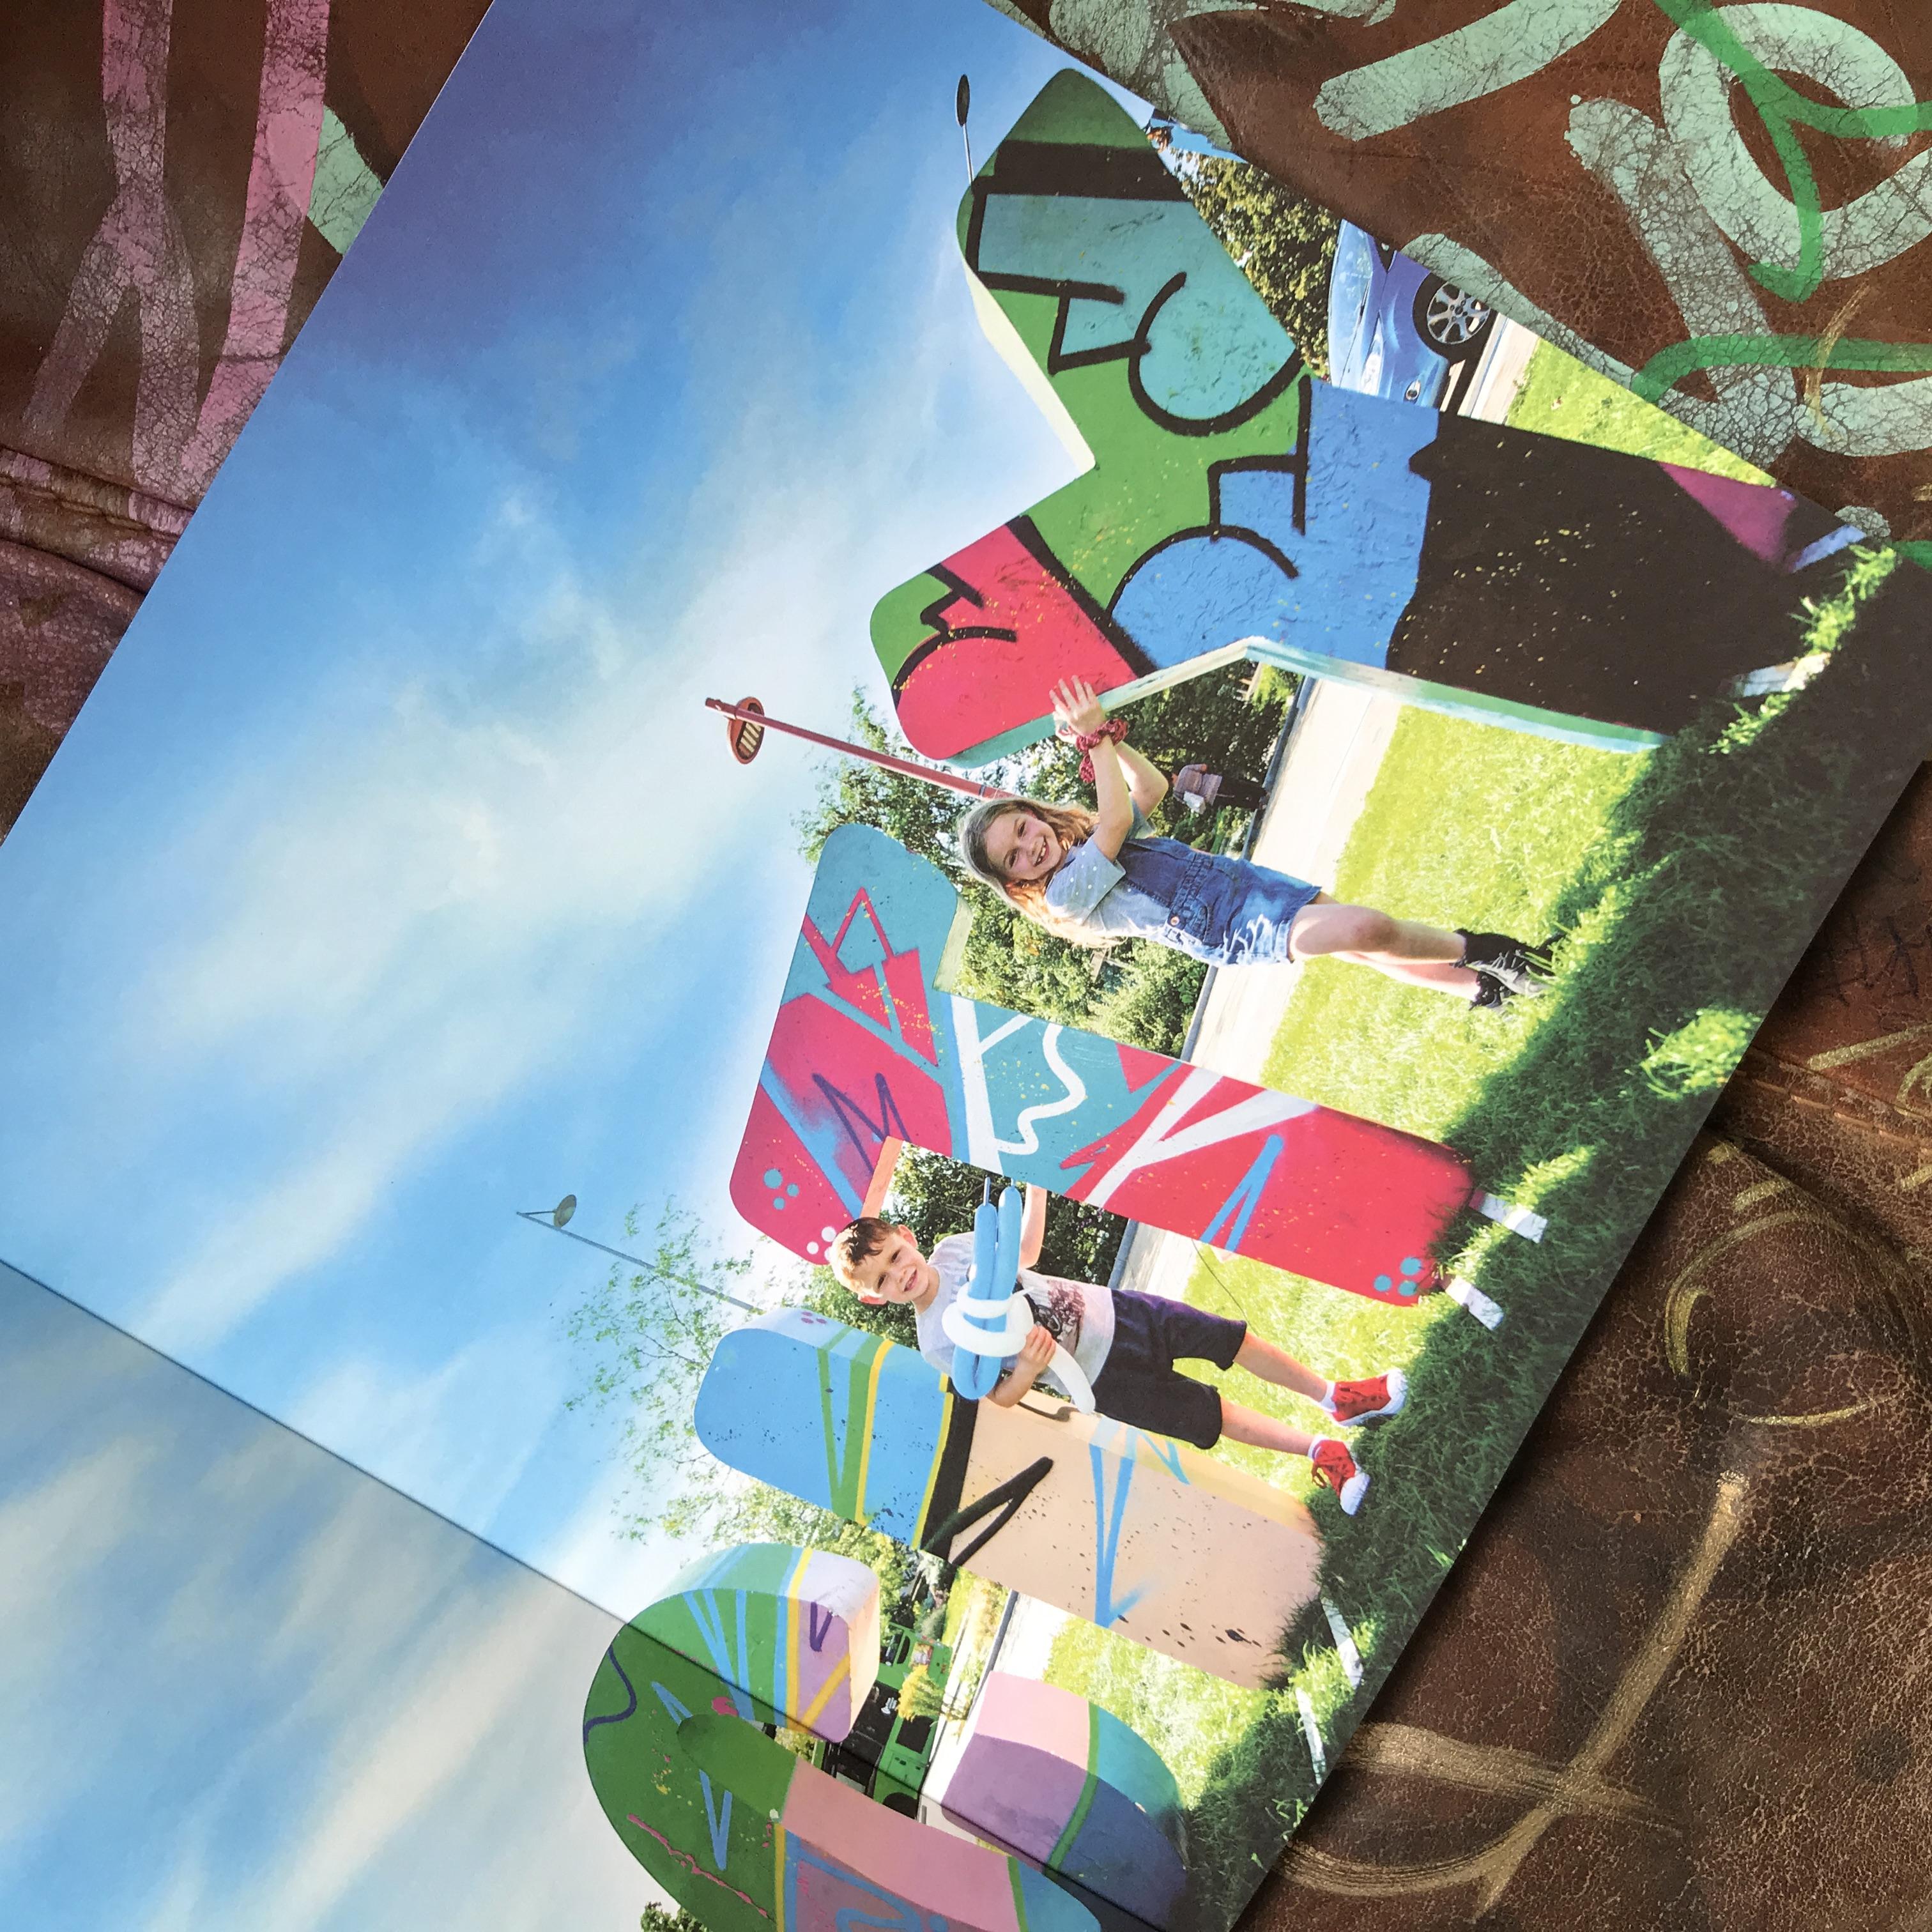 ARTS GUIDE 6